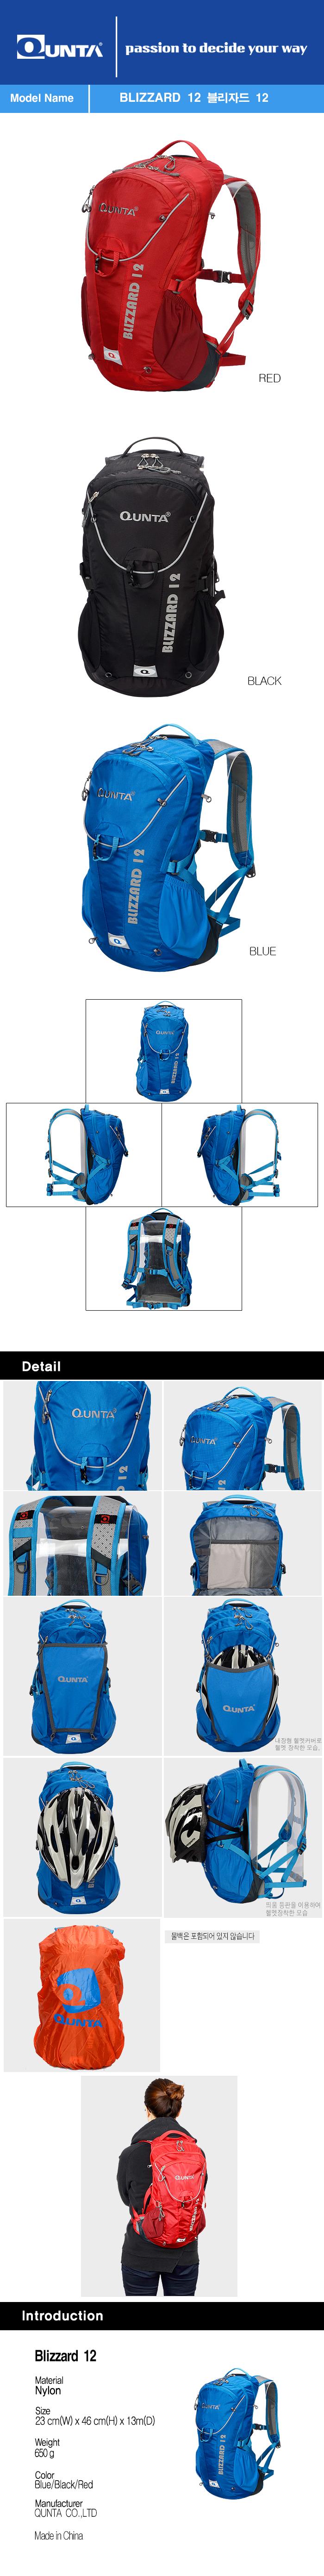 쿤타 자전거 라이딩 백팩 배낭 블리자드 12